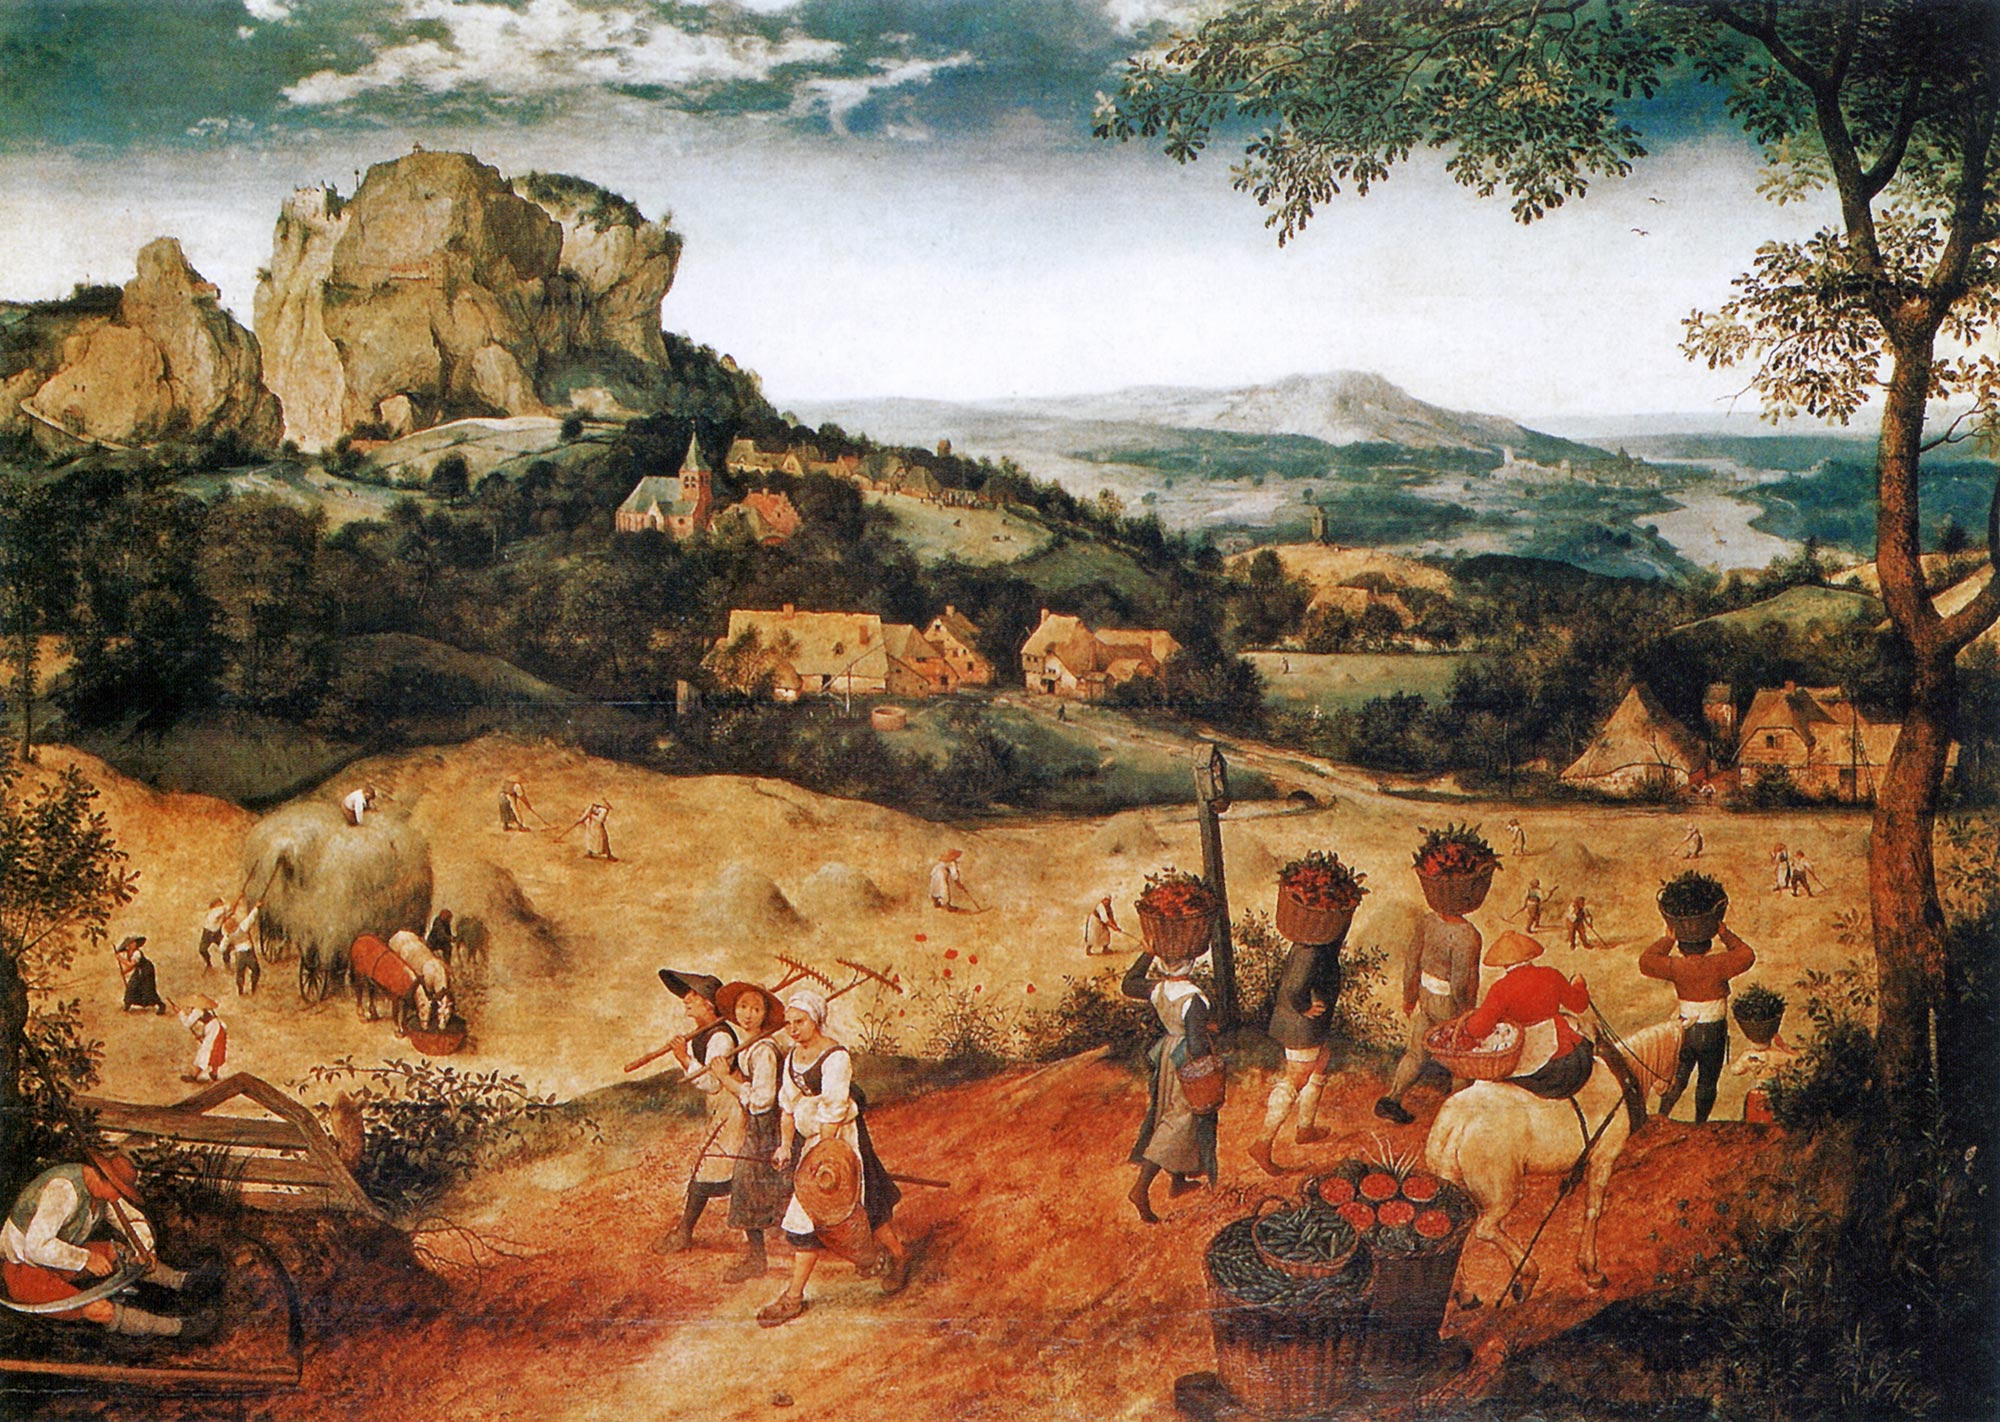 Pieter Bruegel, La fienagione (1565; olio su tavola, 117 x 161 cm; Praga, Národní Galerie)